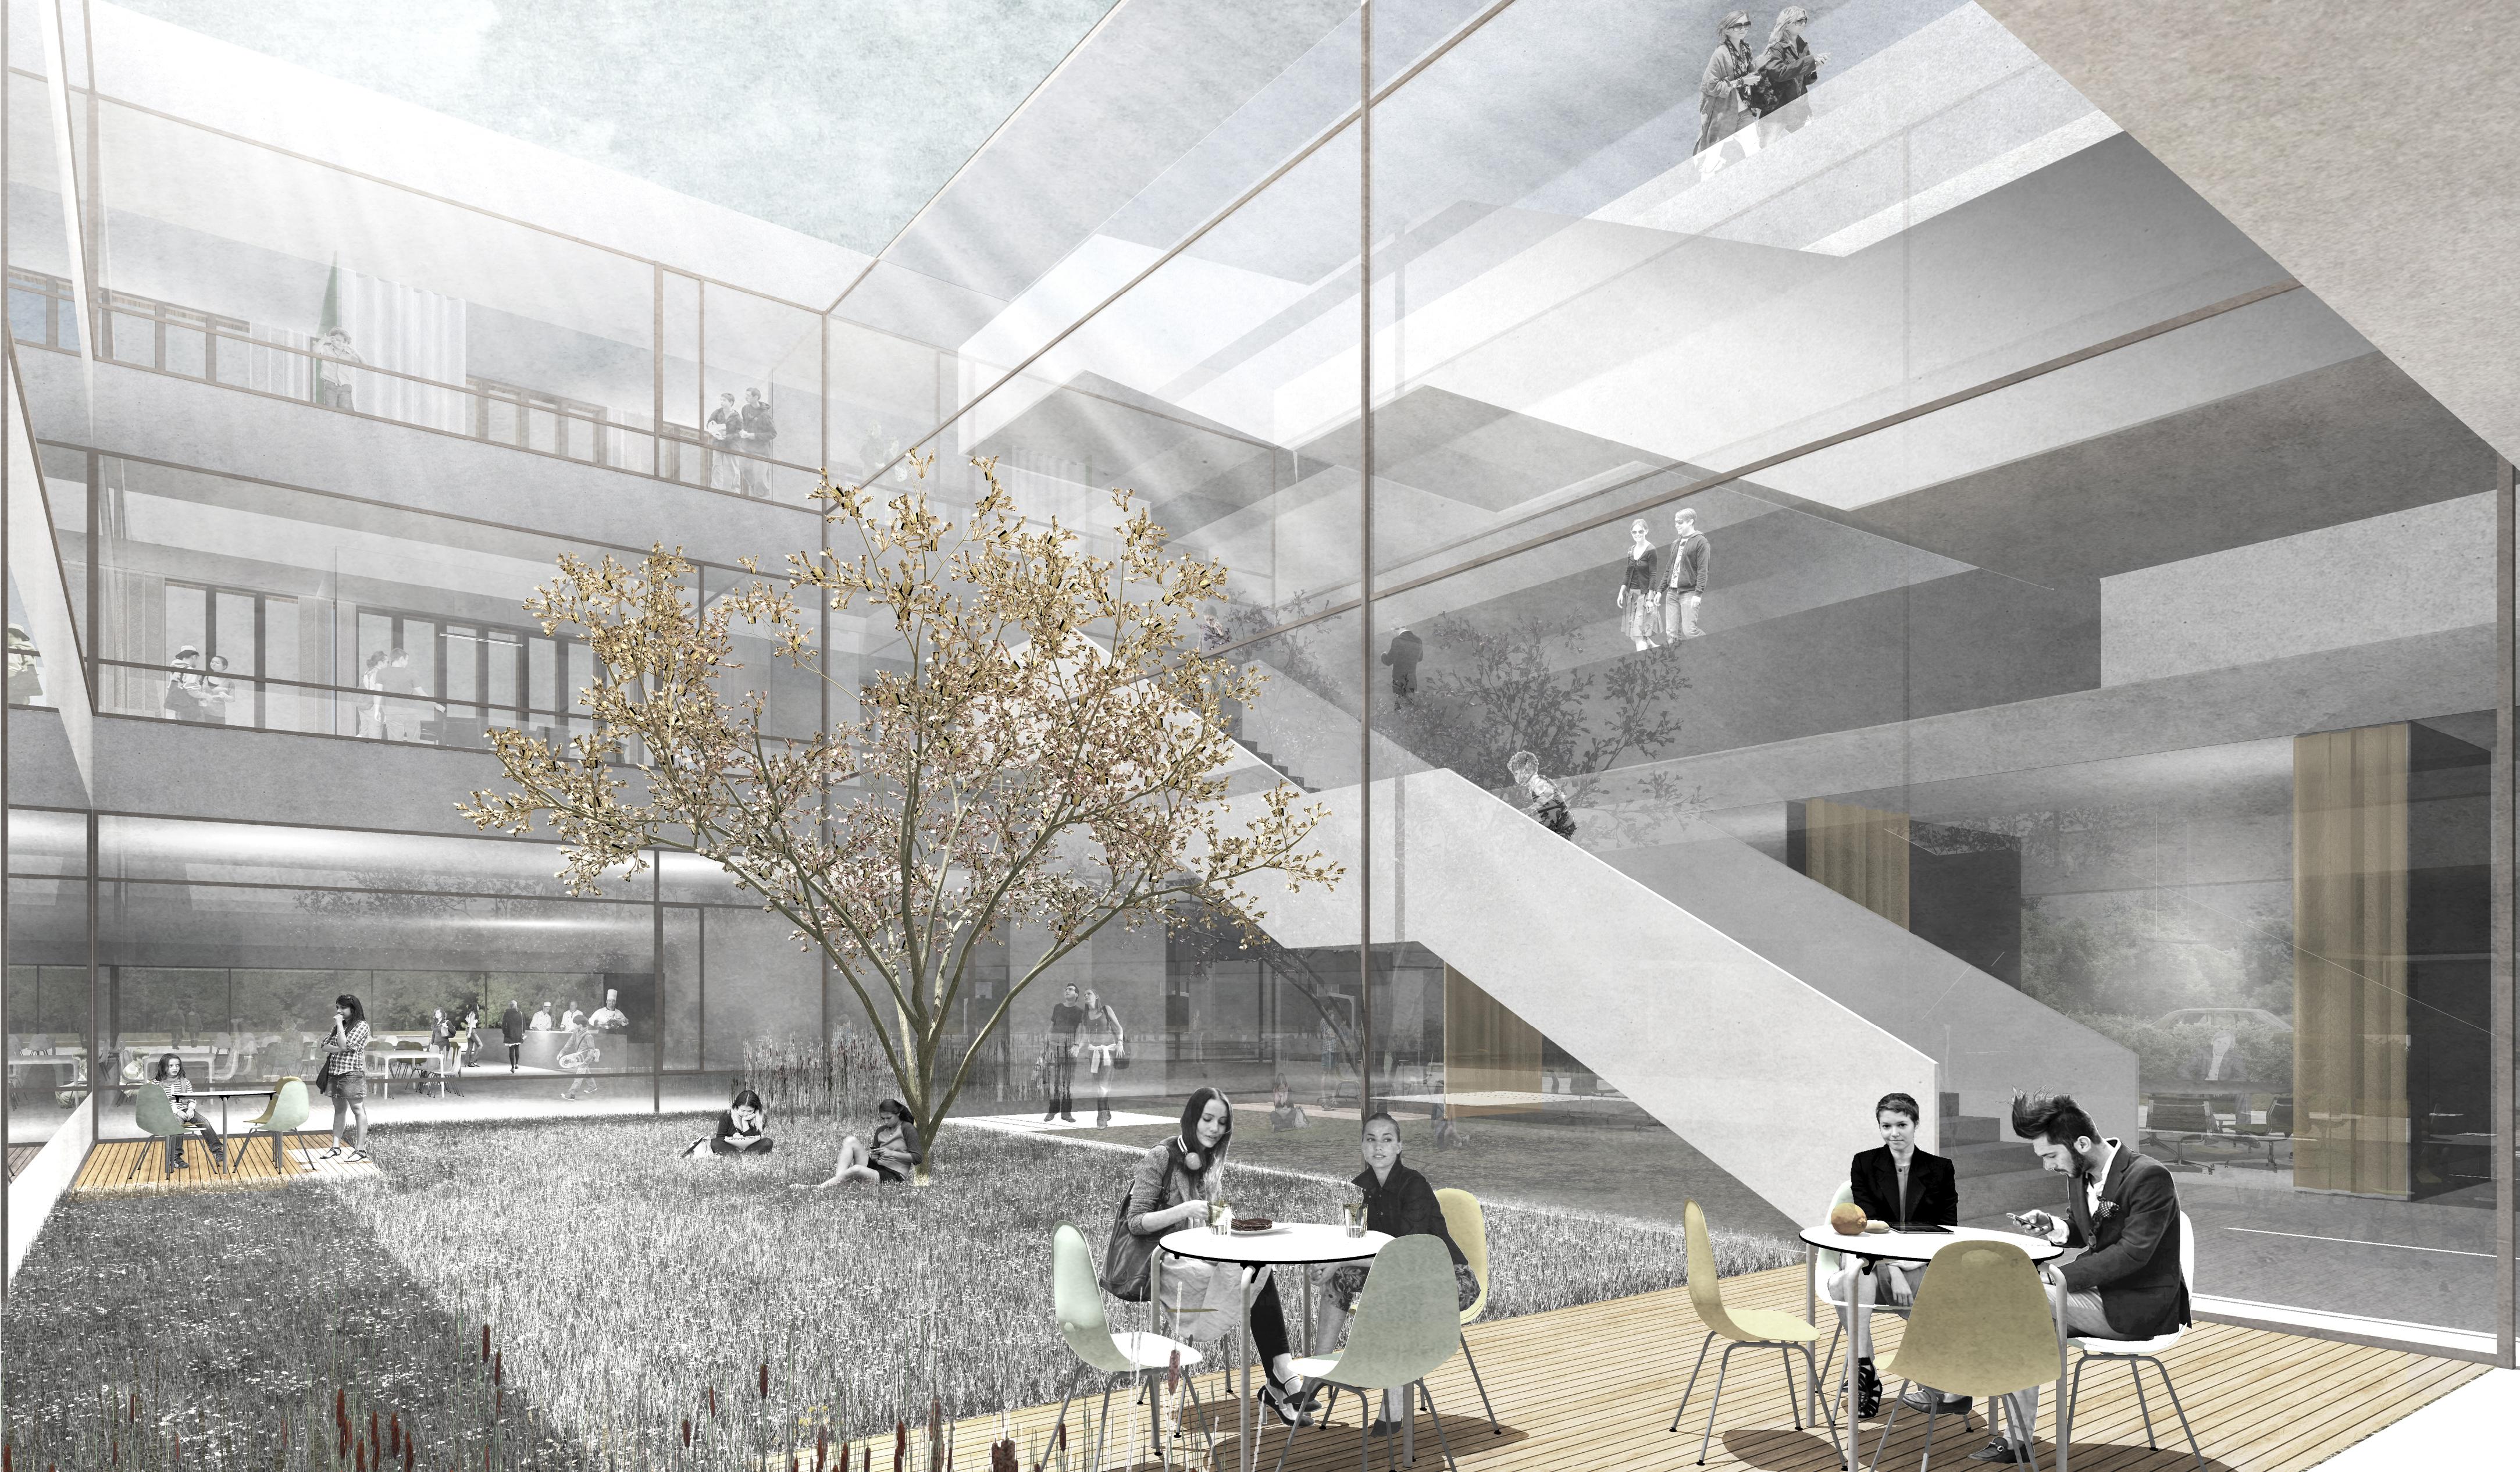 staudinger gesamtschule freiburg hkp. Black Bedroom Furniture Sets. Home Design Ideas